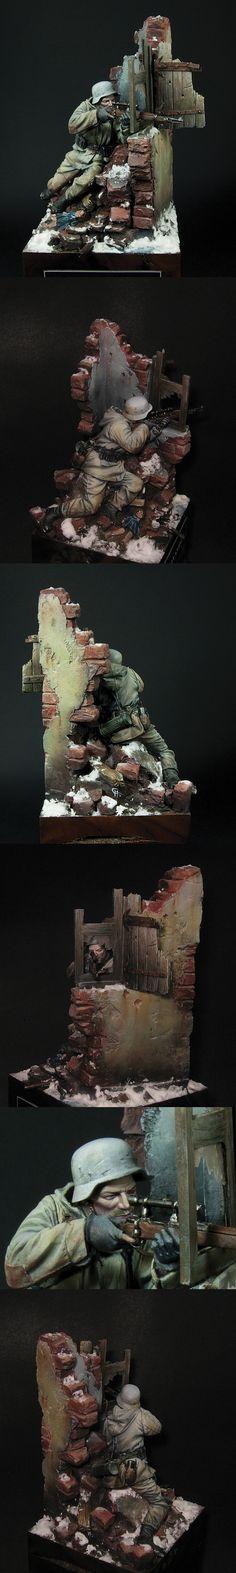 German Sniper Stalingrad 1943